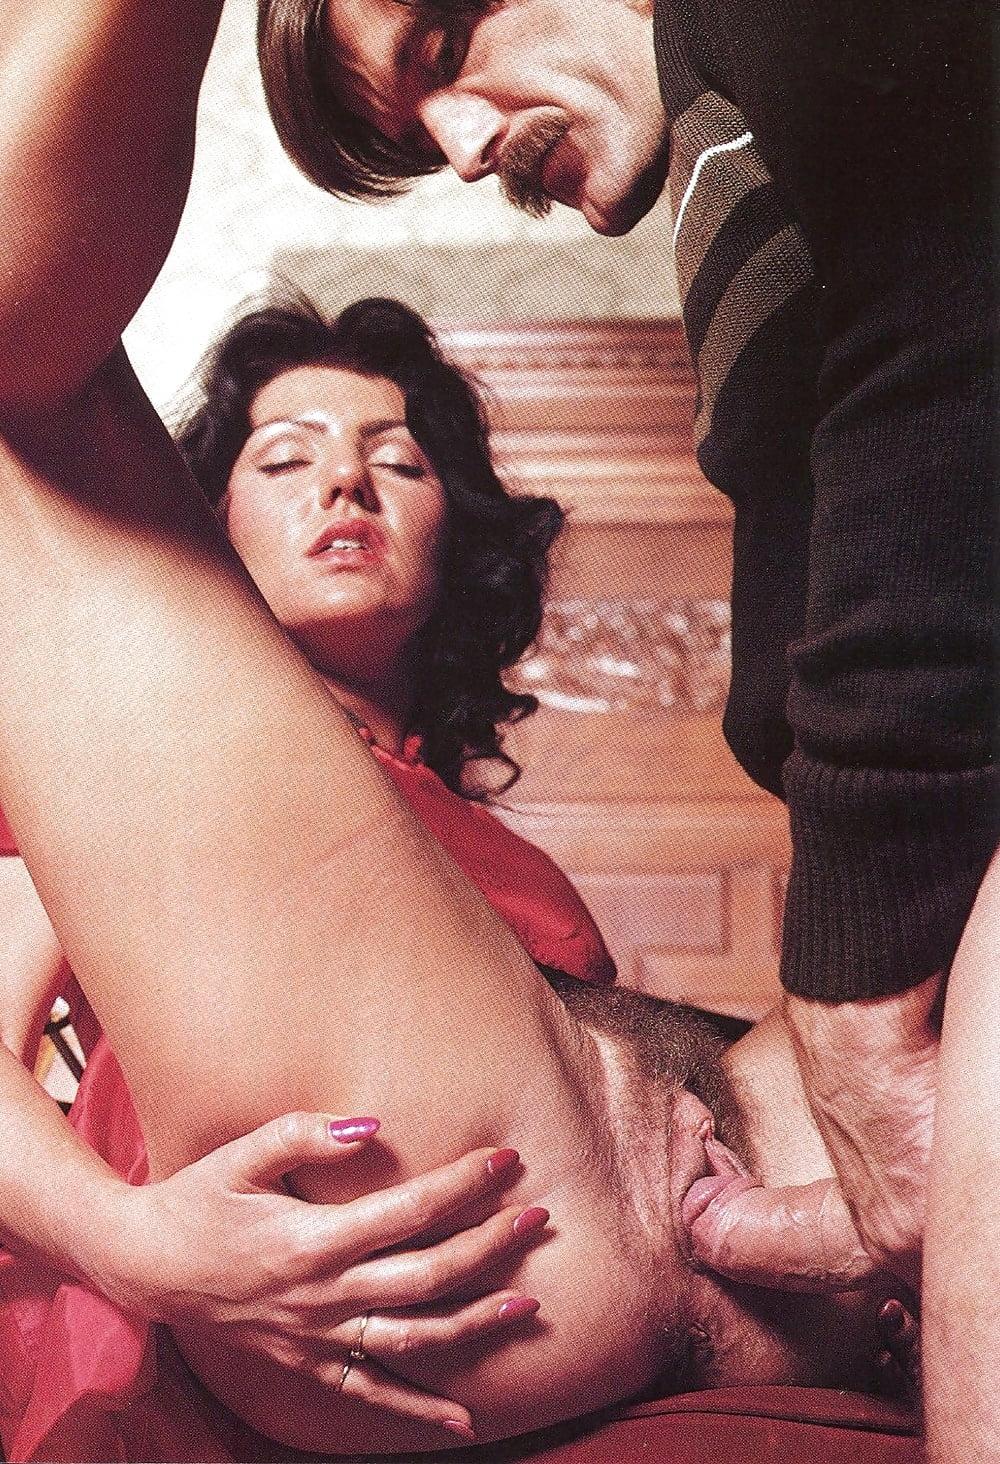 любовник итальянка кино порно планируете